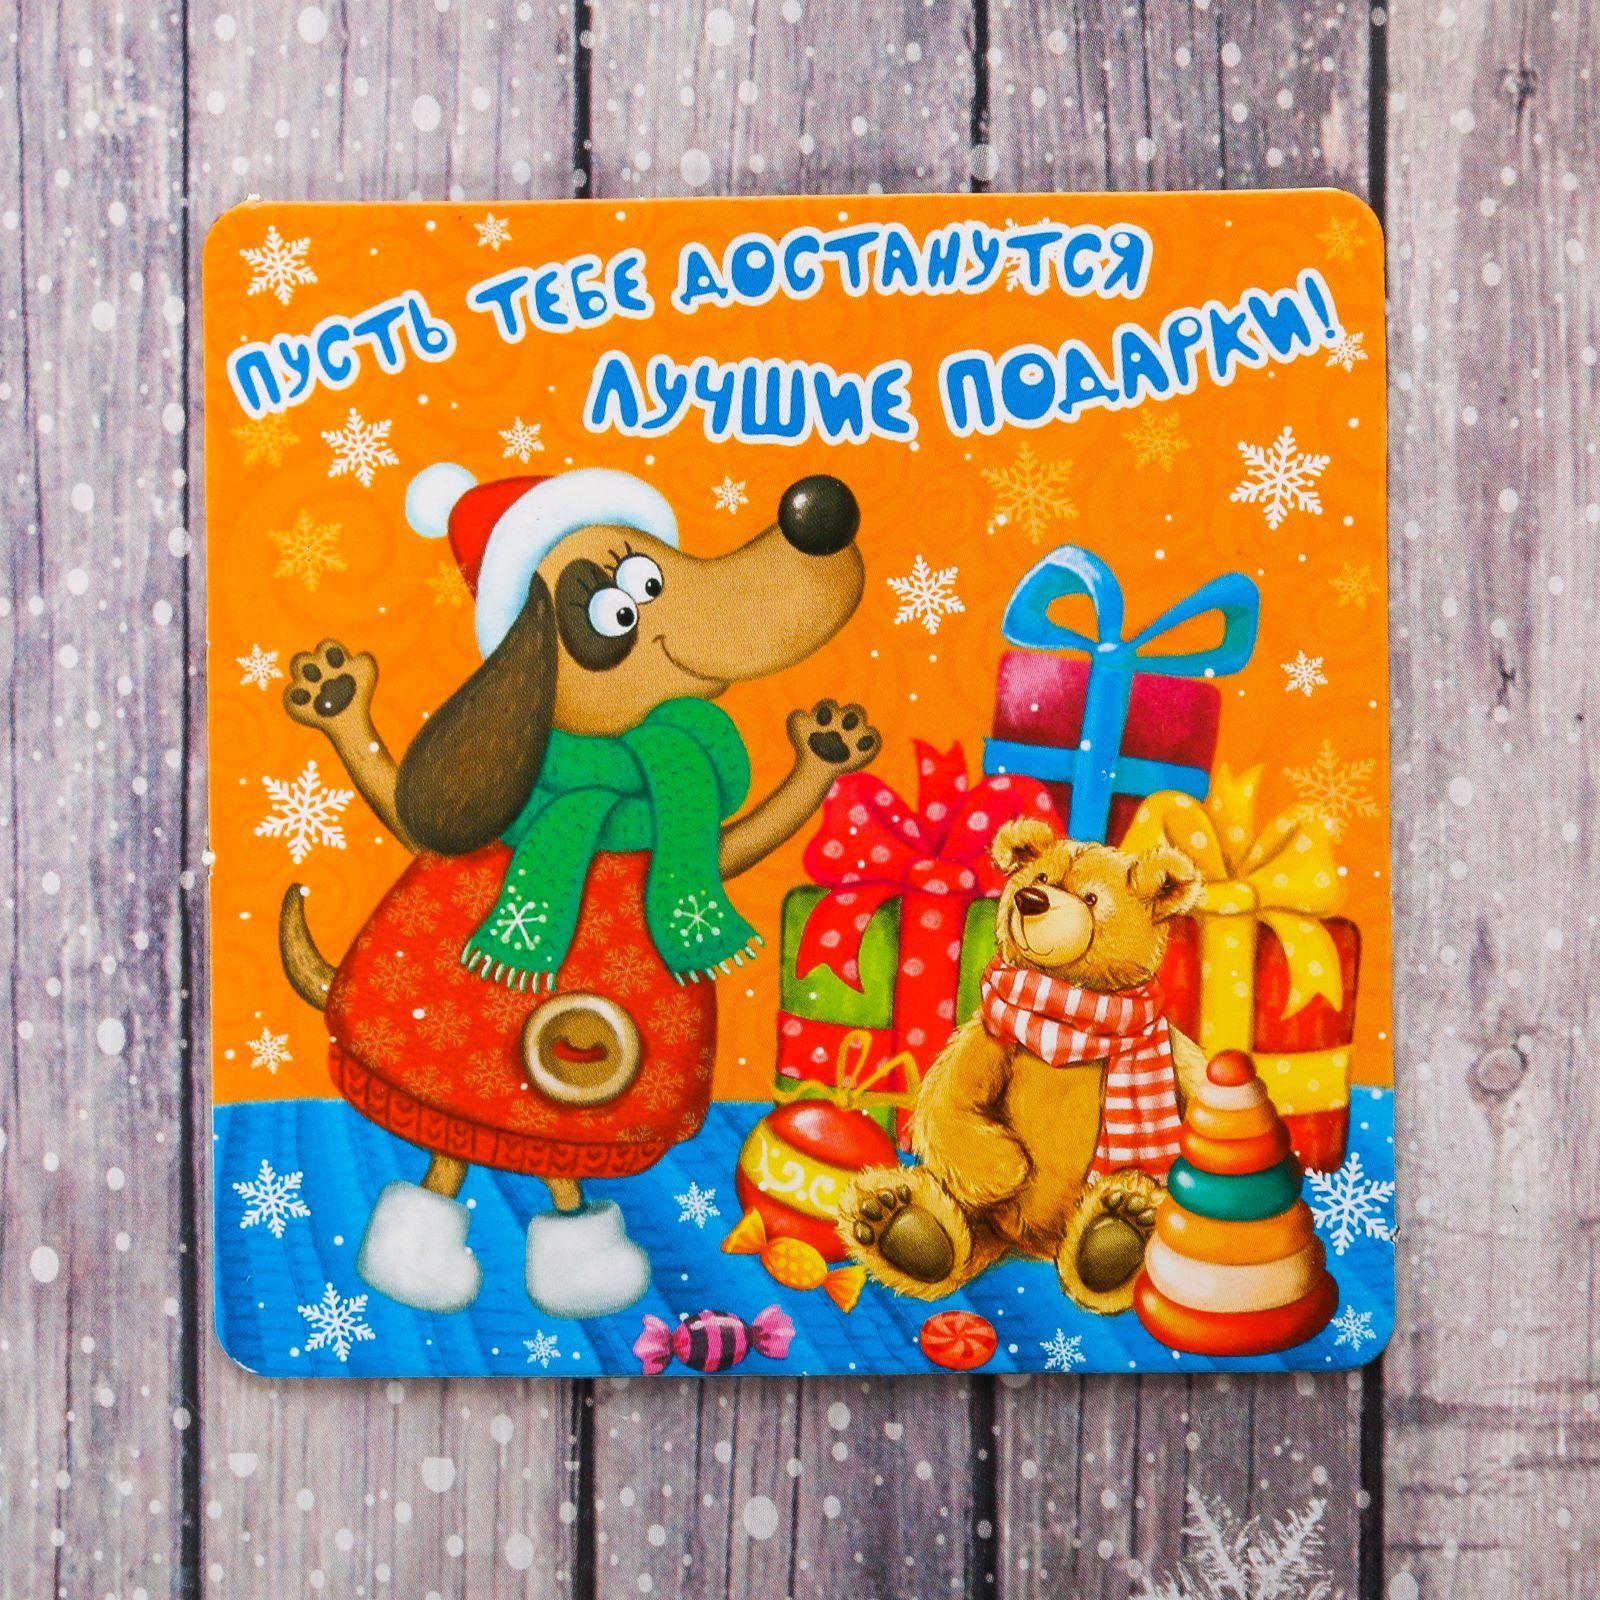 Магнит Sima-land Пусть тебе достанутся лучшие подарки, двусторонний, 8 х 8 см2196166Порадуйте родных и близких оригинальным сувениром: преподнесите в подарок магнит. С ним даже самый серьёзный человек почувствует себя ребёнком, ожидающим чудо! Создайте праздничное настроение, и оно останется с вами на весь год.